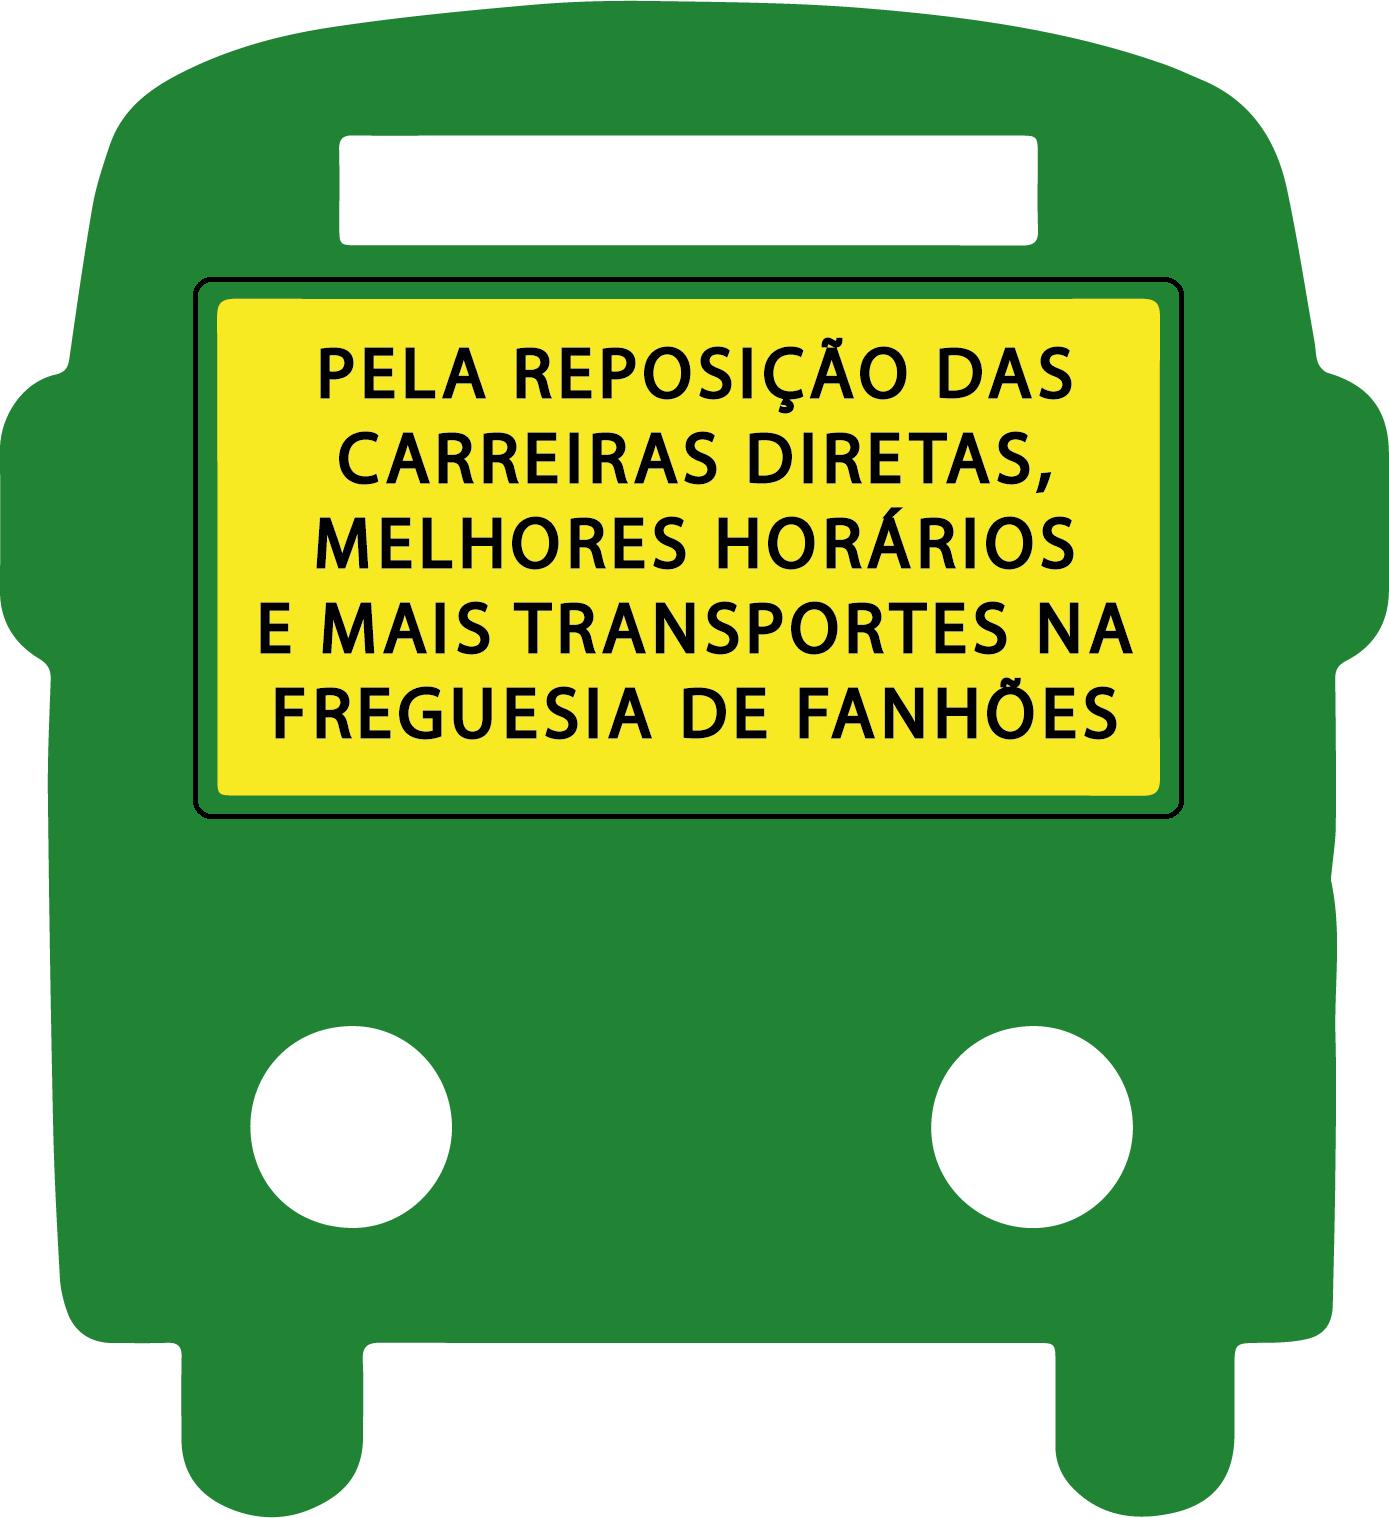 PETIÇÃO – Pela reposição das carreiras diretas, melhores horários e mais transportes na Freguesia de Fanhões.